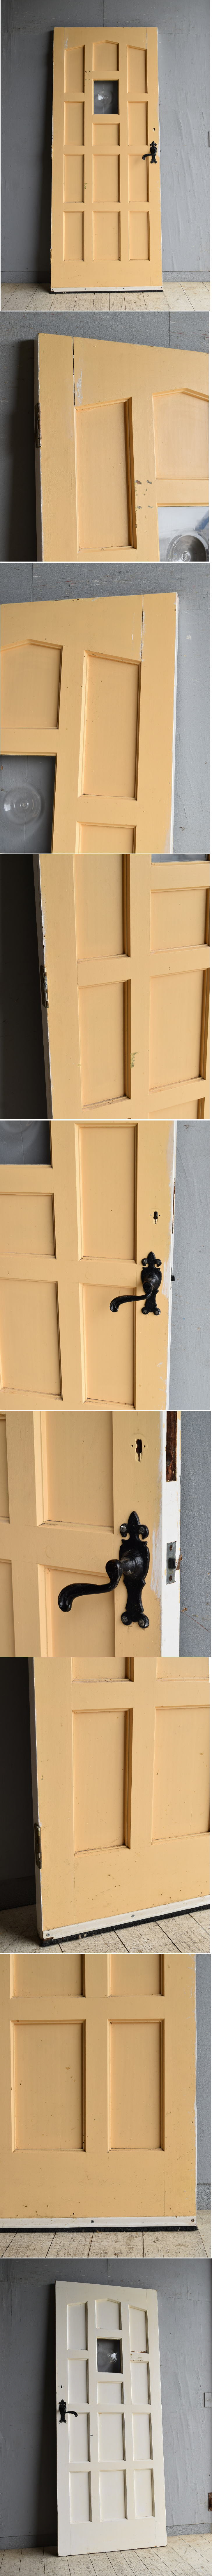 イギリス アンティーク ドア 扉 建具 8611